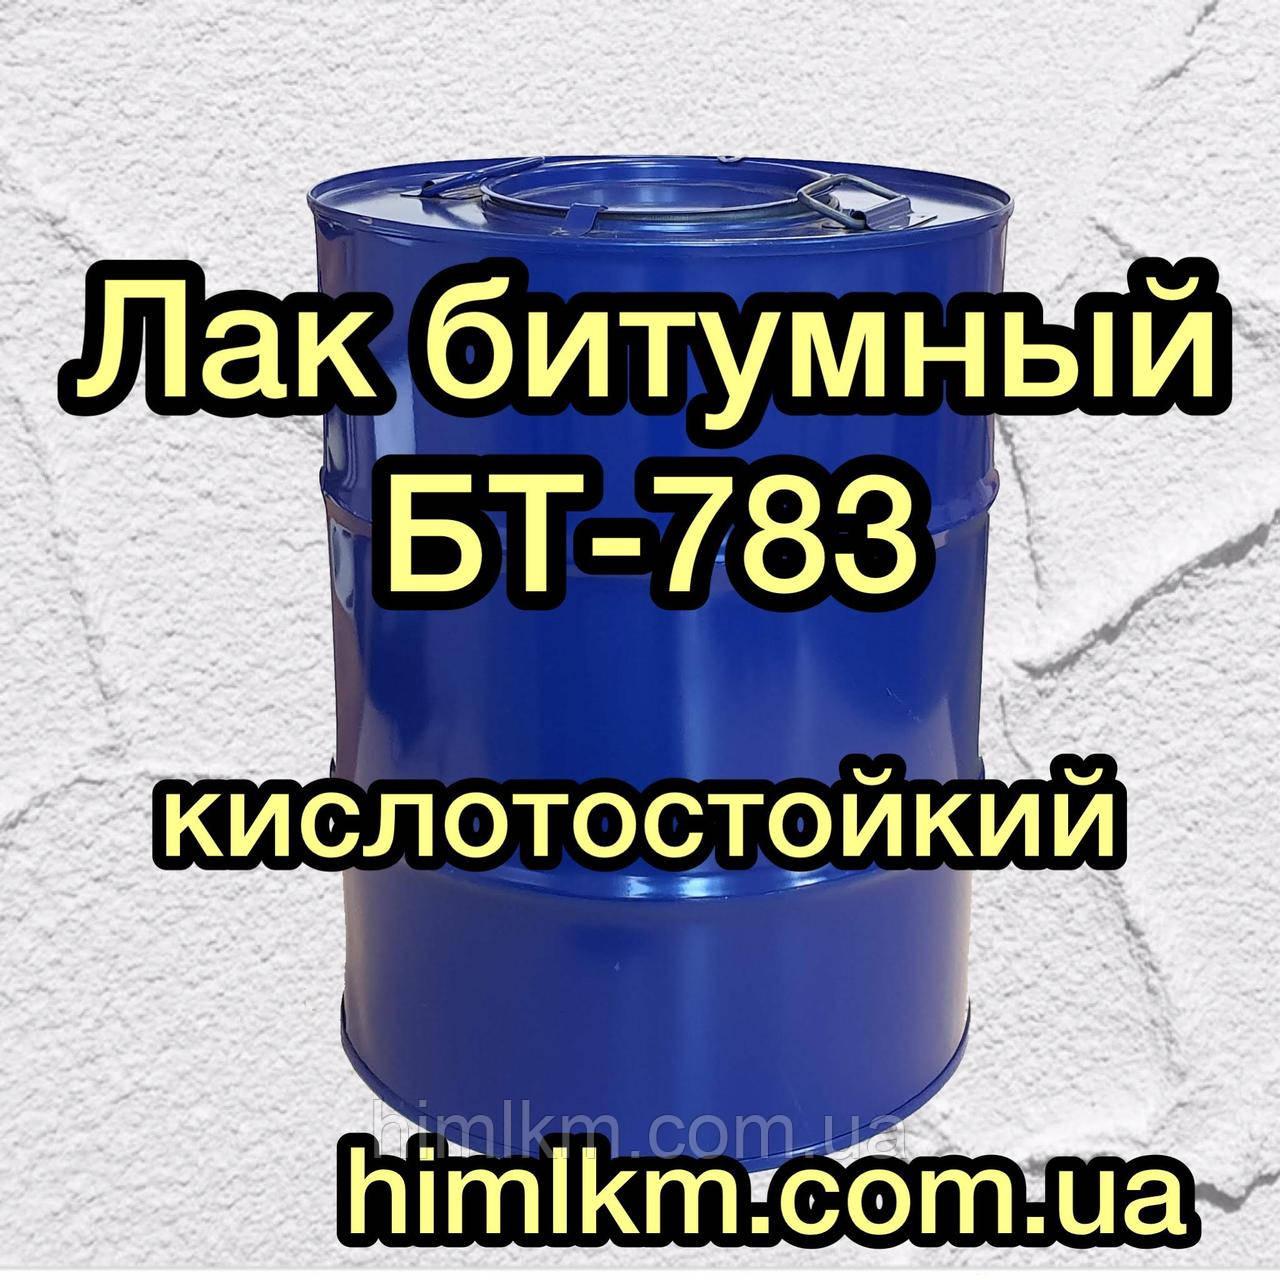 Лак БТ-783 кислотостойкий для защиты аккумуляторов и деталей от серной кислоты, 40кг